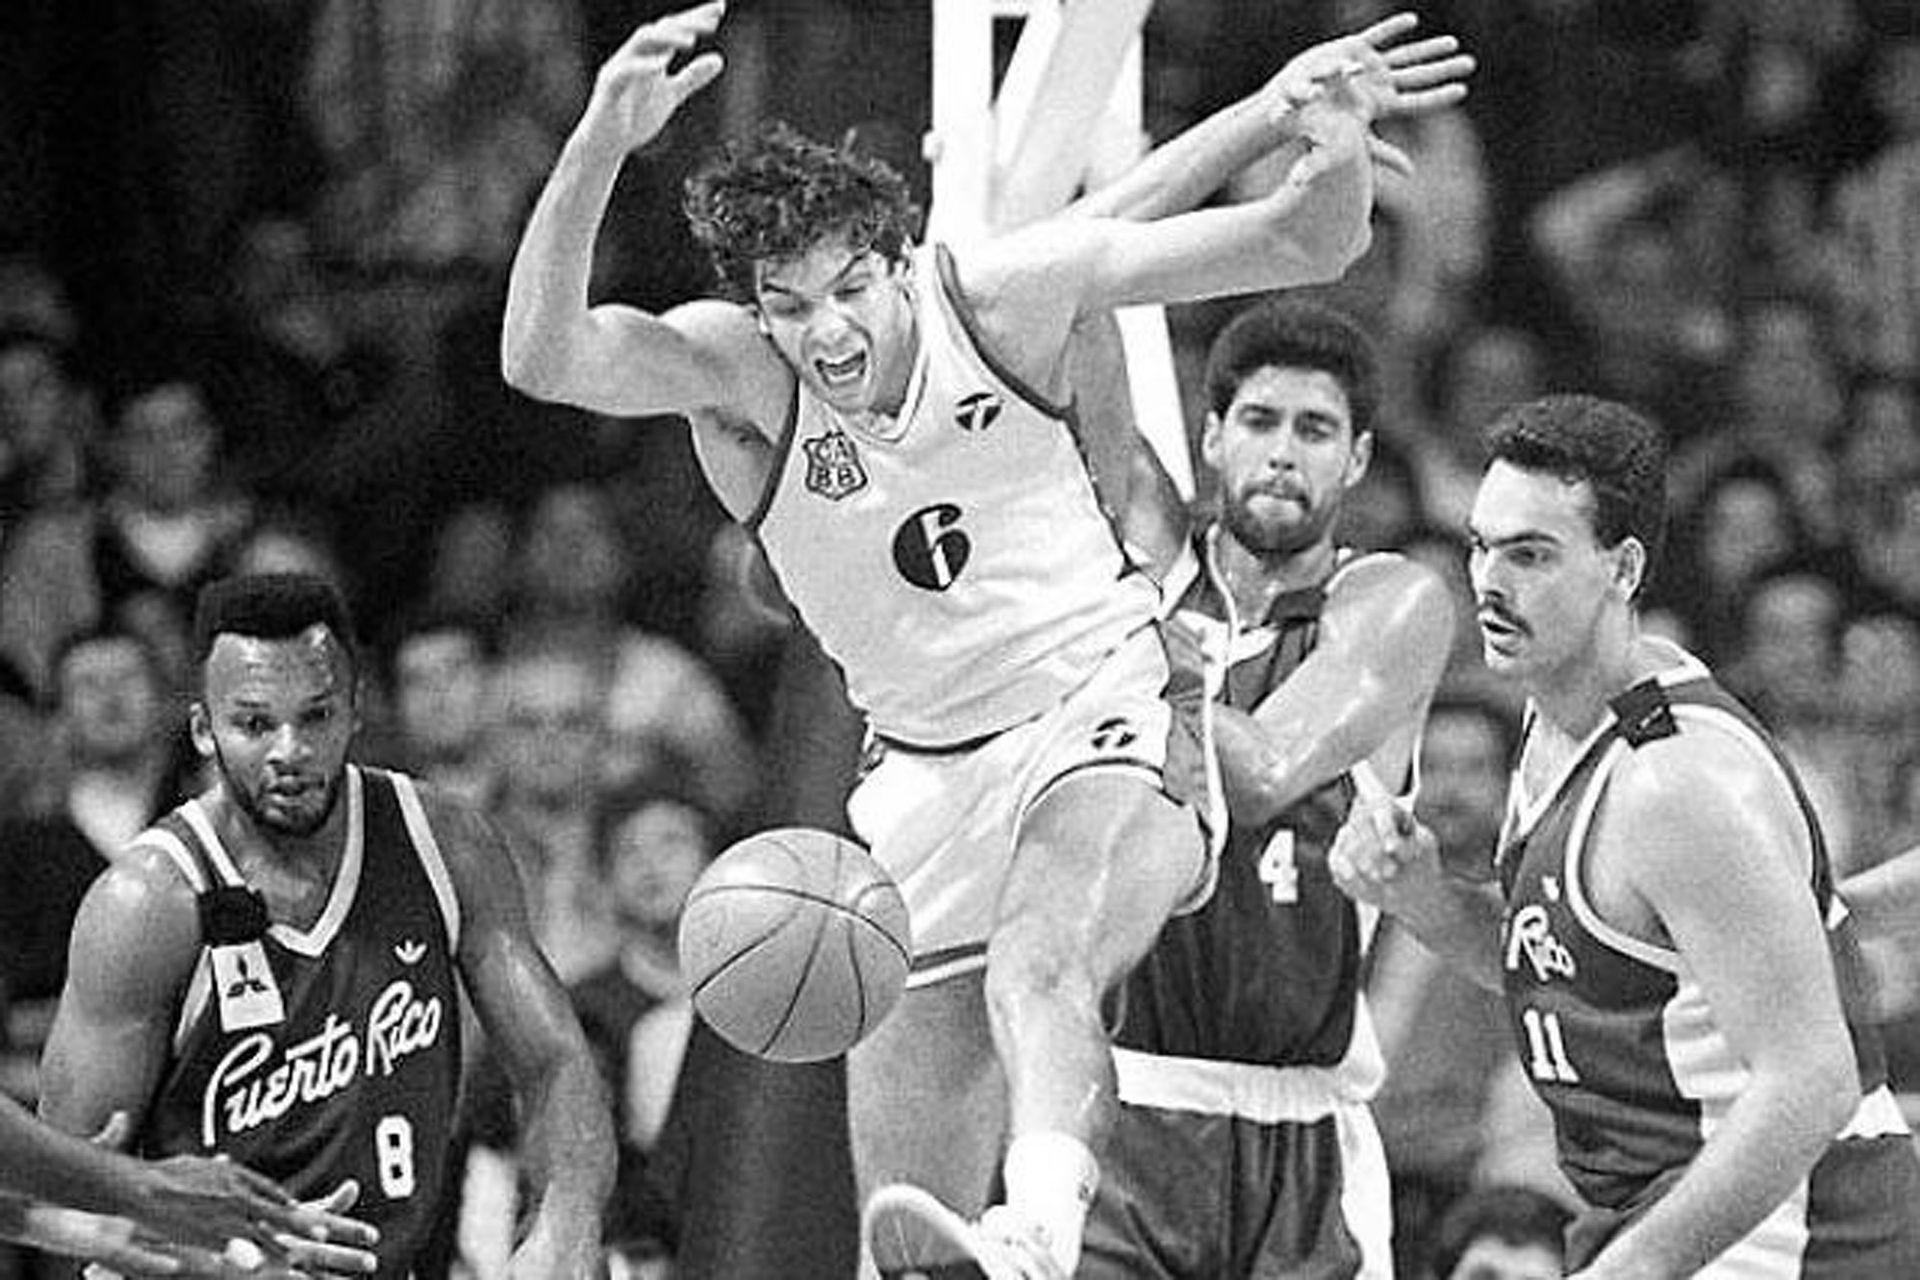 El pivote argentino Diego Maggi rodeado por tres glorias del básquetbol de Puerto Rico: Jerome Mincy, Piculín Ortiz y Ramón Rivas; el Mundial de 1990 no dejó buenos resultados para la Argentina, que finalizó en el octavo puesto